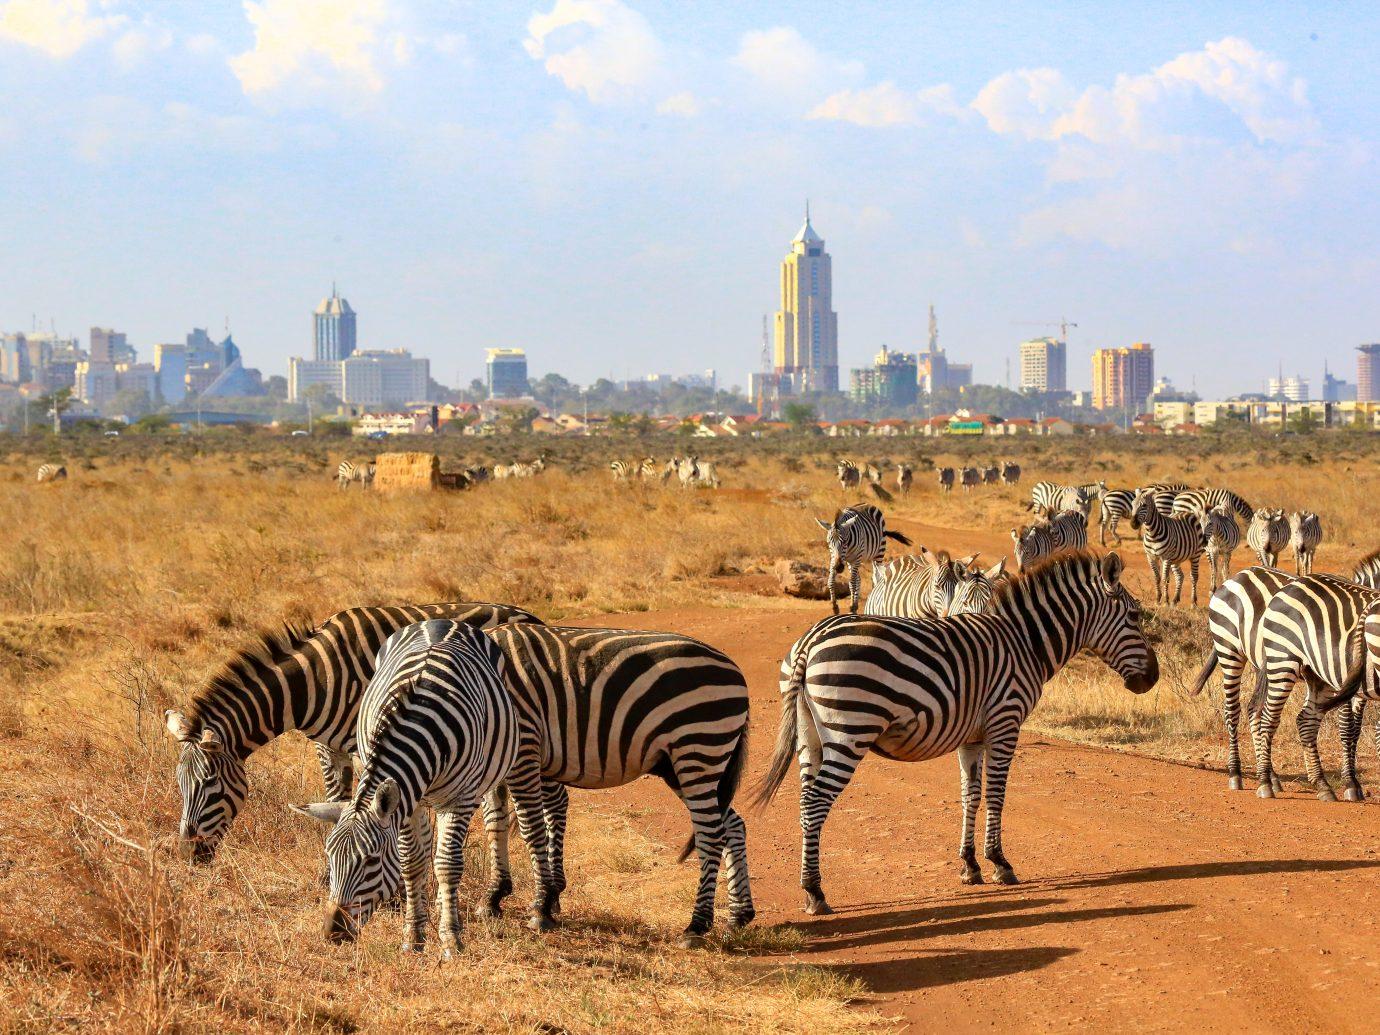 Zebras in Nairobi National Park